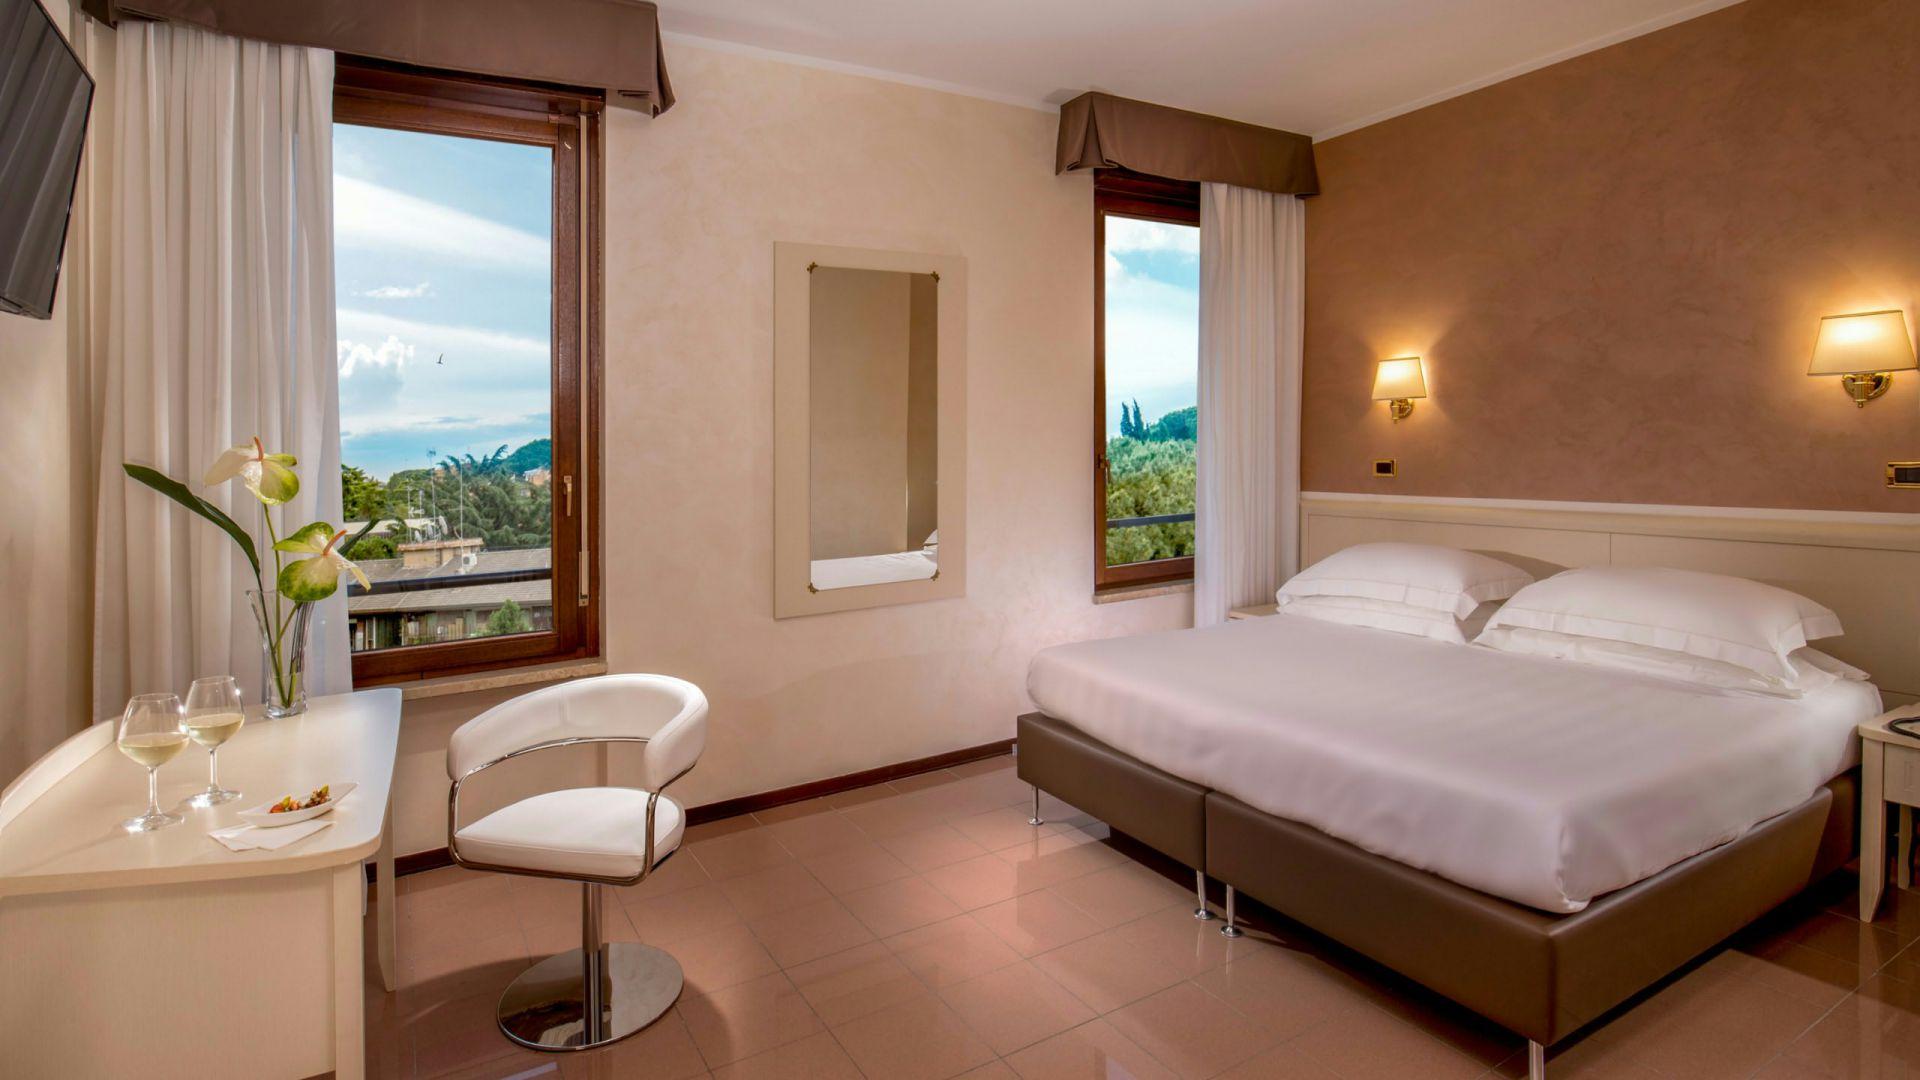 villa-aurelia-hôtel-rome-chambre-02